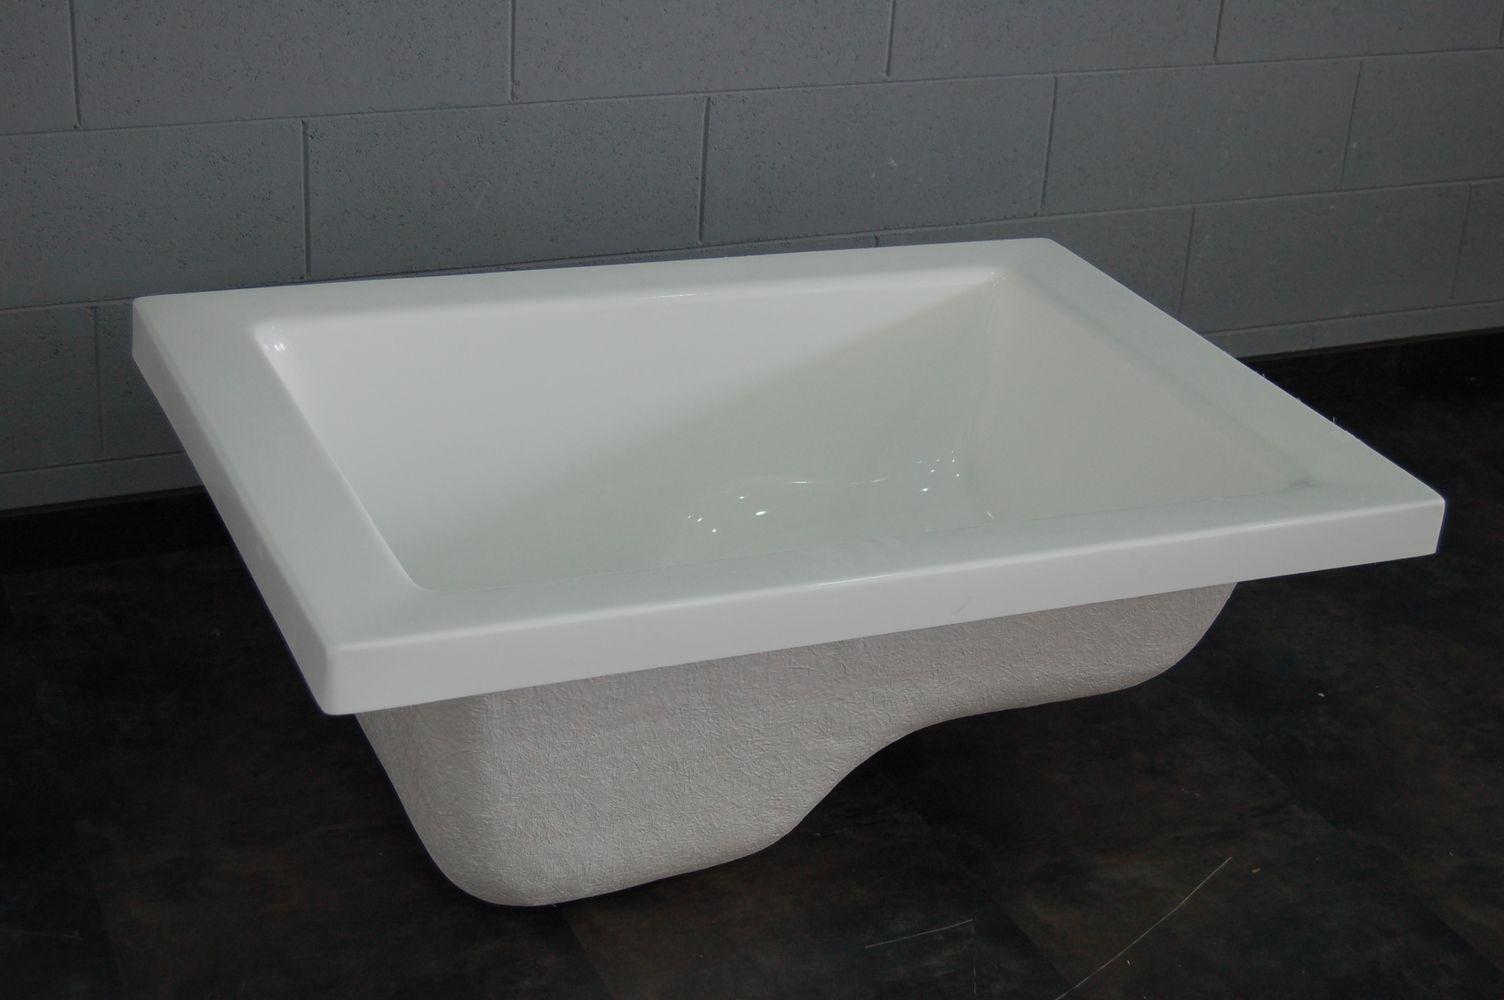 Ricoprire Vasca Da Bagno Prezzi vasche da sovrapposizione | produzione vasche da bagno